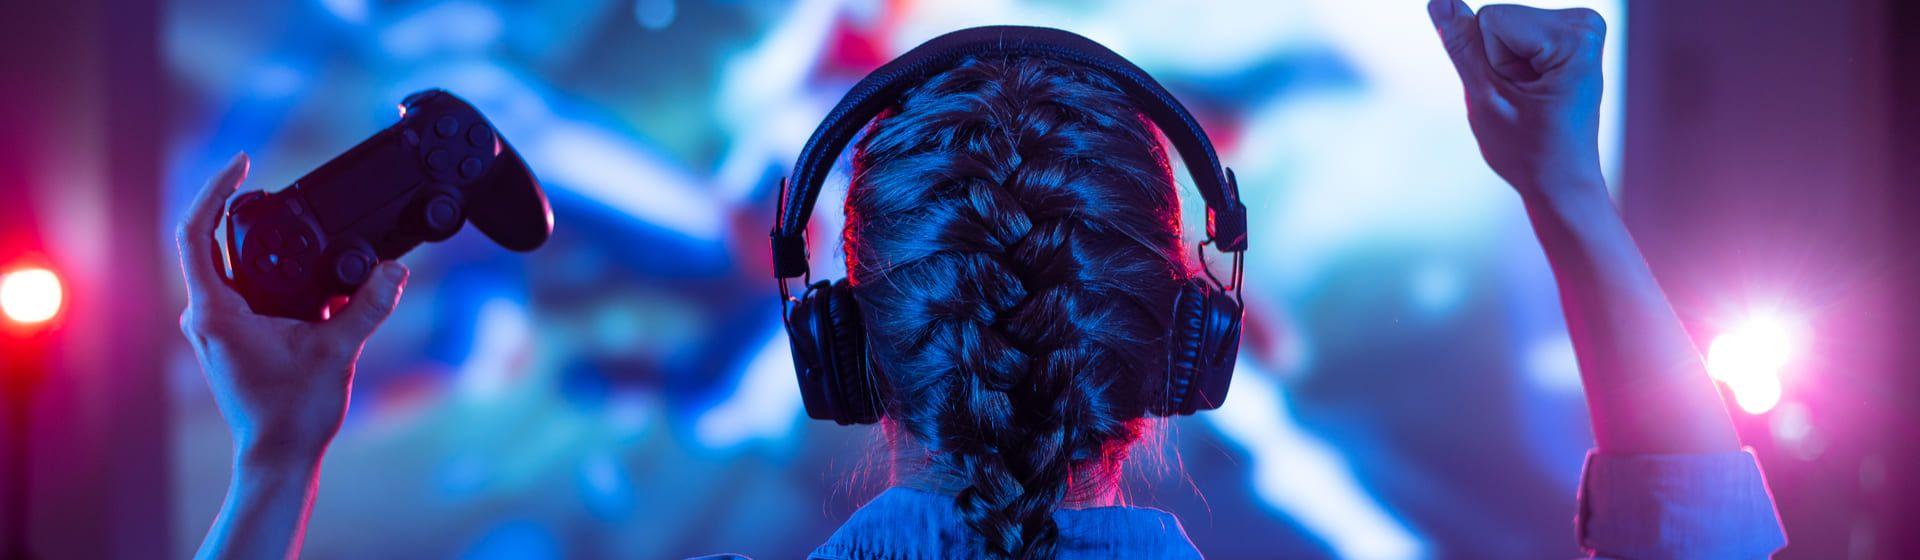 Melhor headset gamer em 2021: 10 modelos para você conhecer